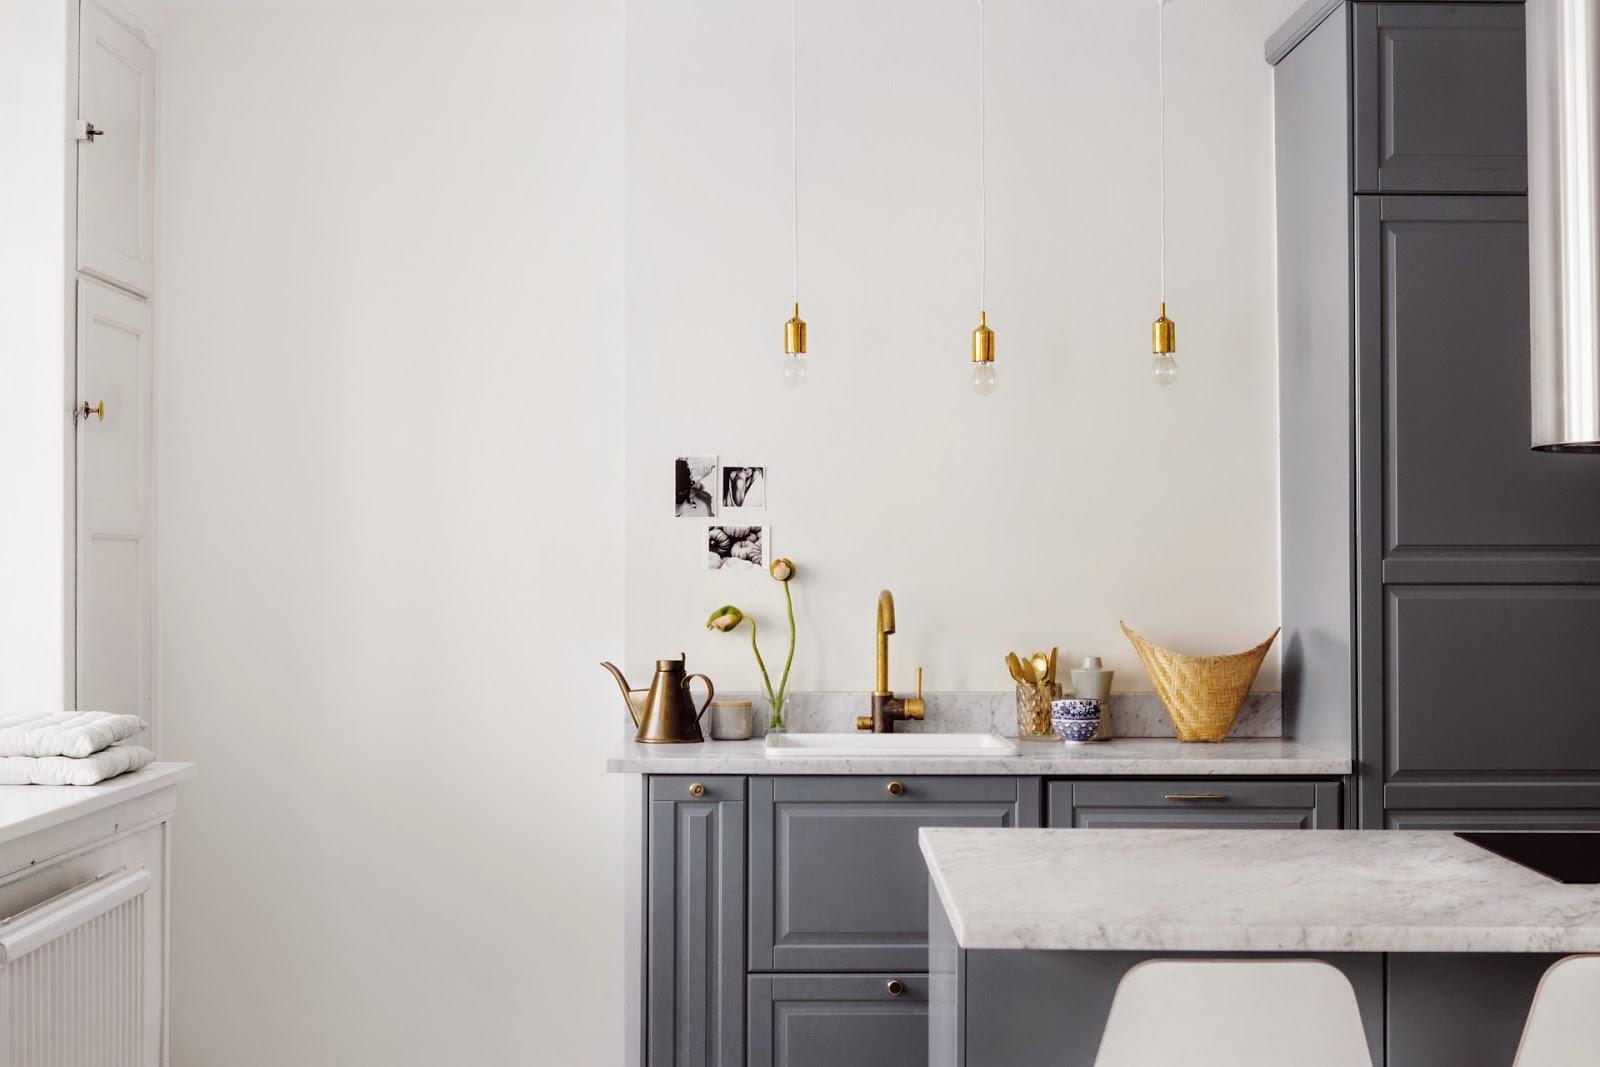 Une cuisine en marbre et or